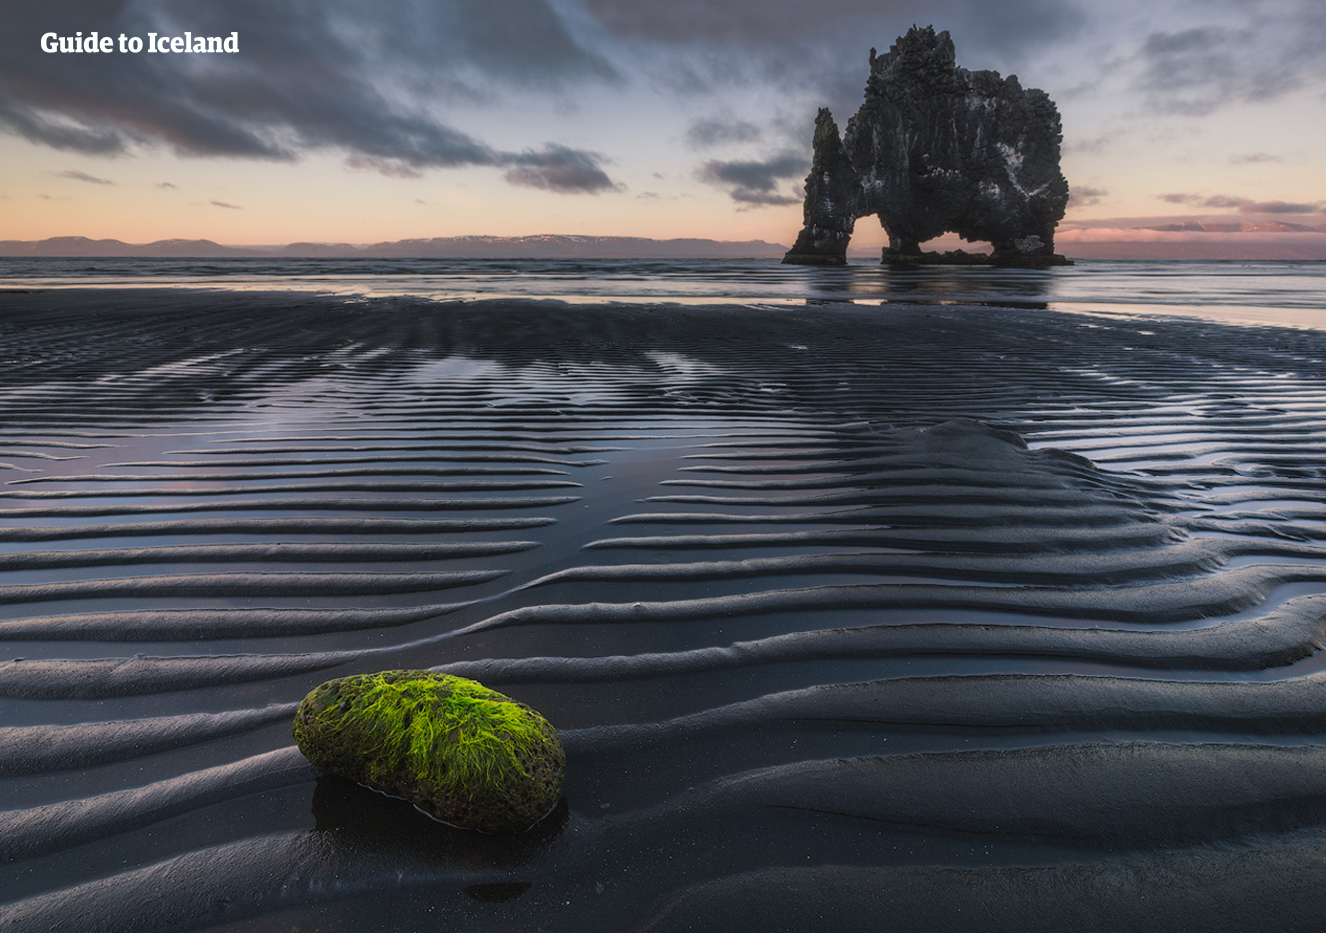 Die Architektur Reykjavíks gilt als die interessanteste in ganz Island, aber die nördliche Stadt Akureyri muss sich nicht verstecken.